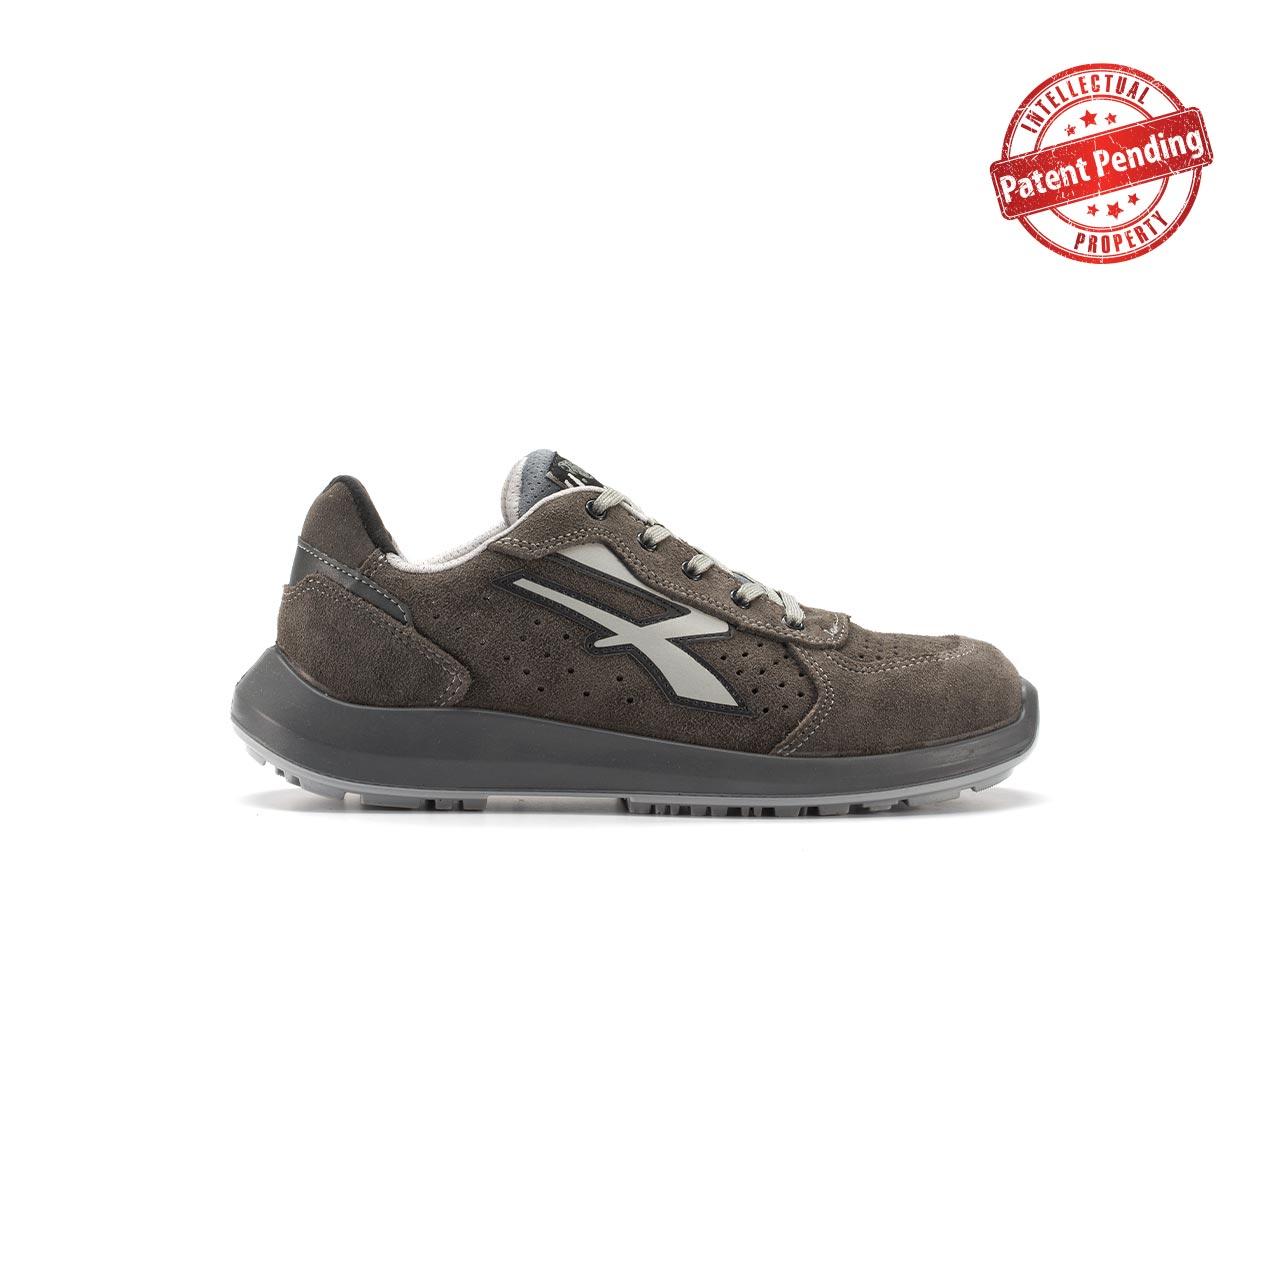 calzatura da lavoro upower modello rigel linea redup vista lato destro